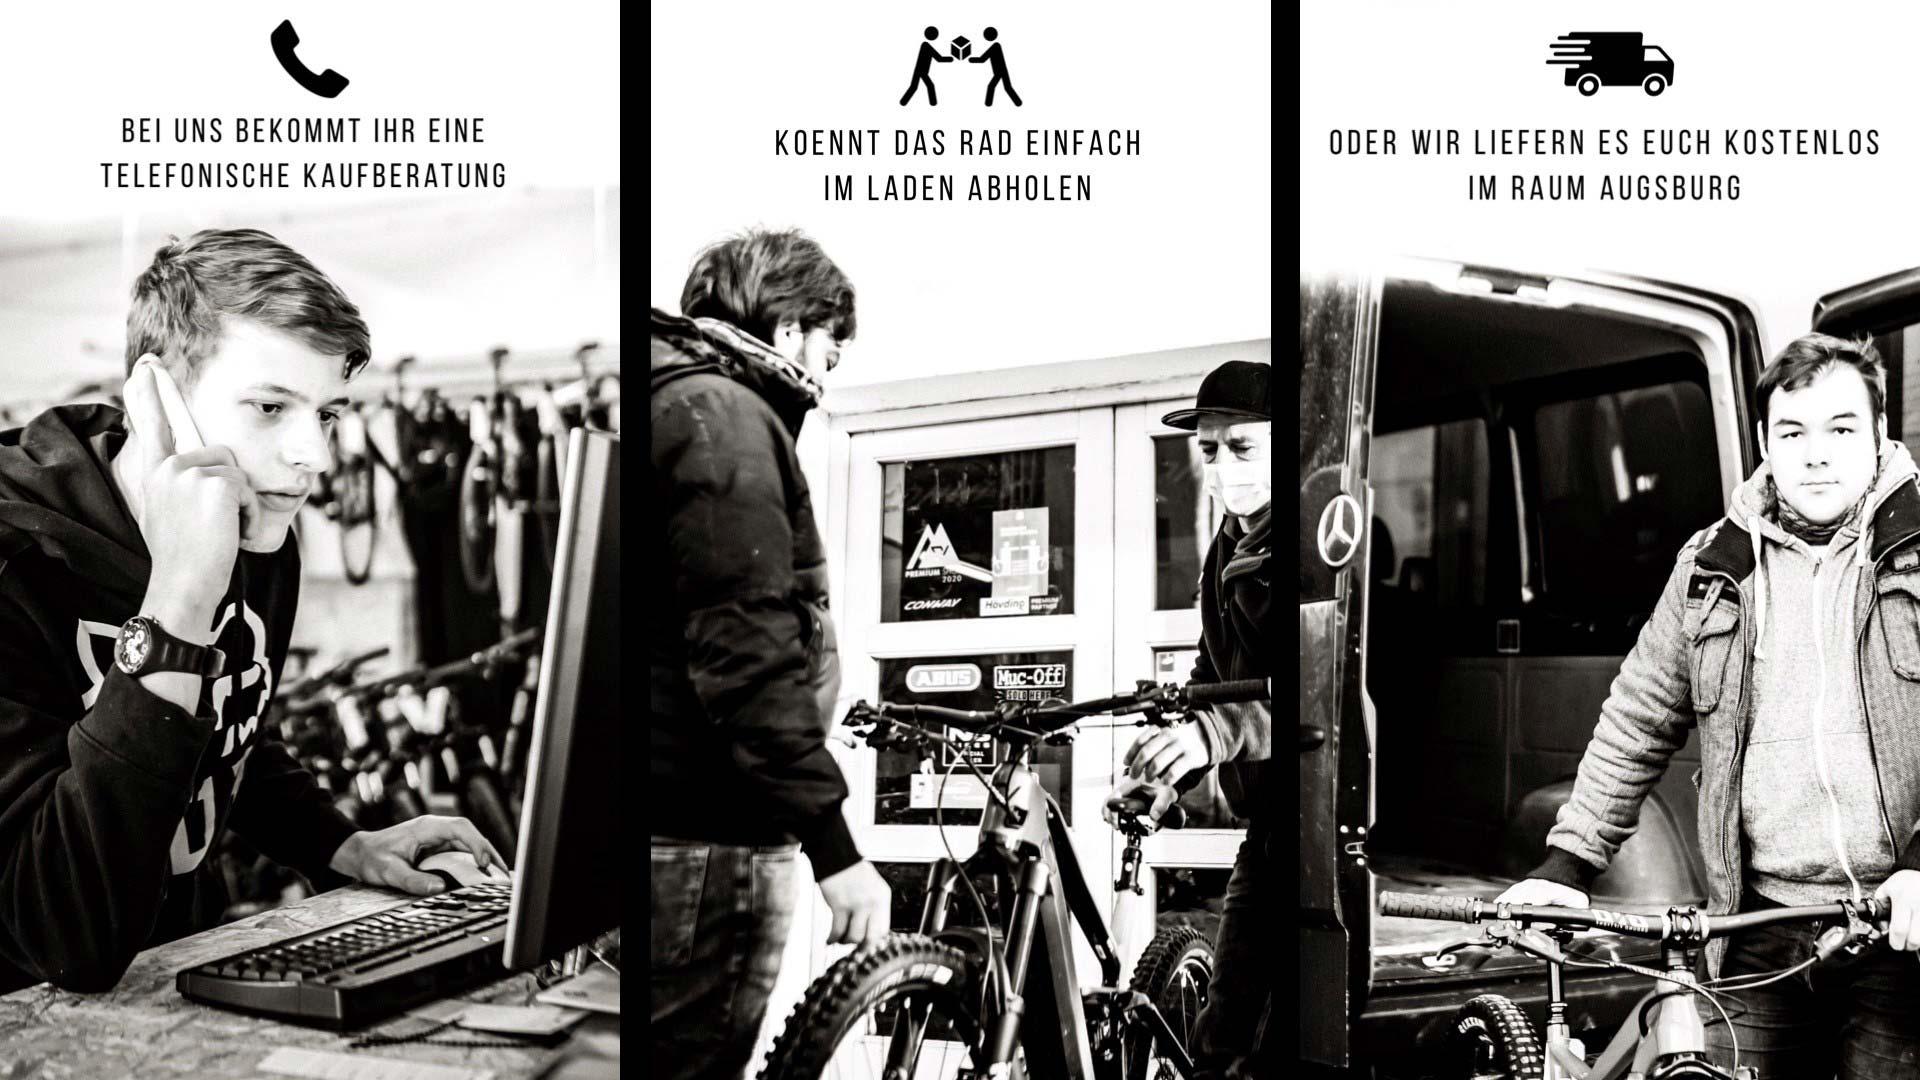 corona-hol-bring-service-bike